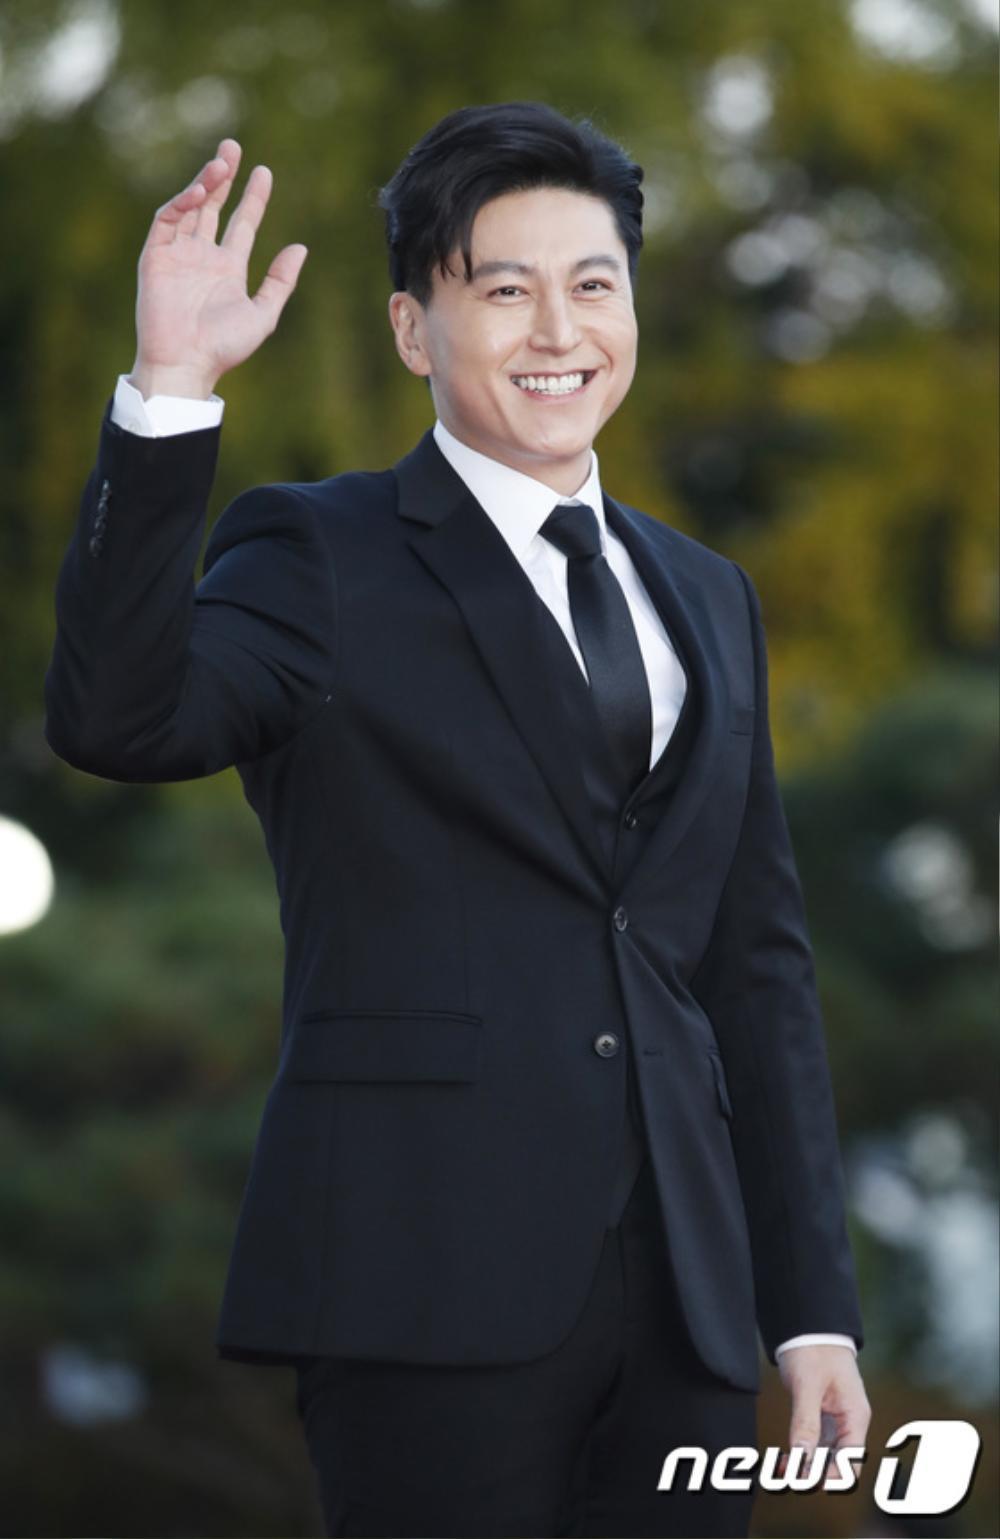 Thảm đỏ hot nhất Hàn Quốc: SEVENTEEN cùng Hyun Bin, Gong Hyo Jin, Kim Hee Ae và Kang Ha Neul gây sốt Ảnh 30